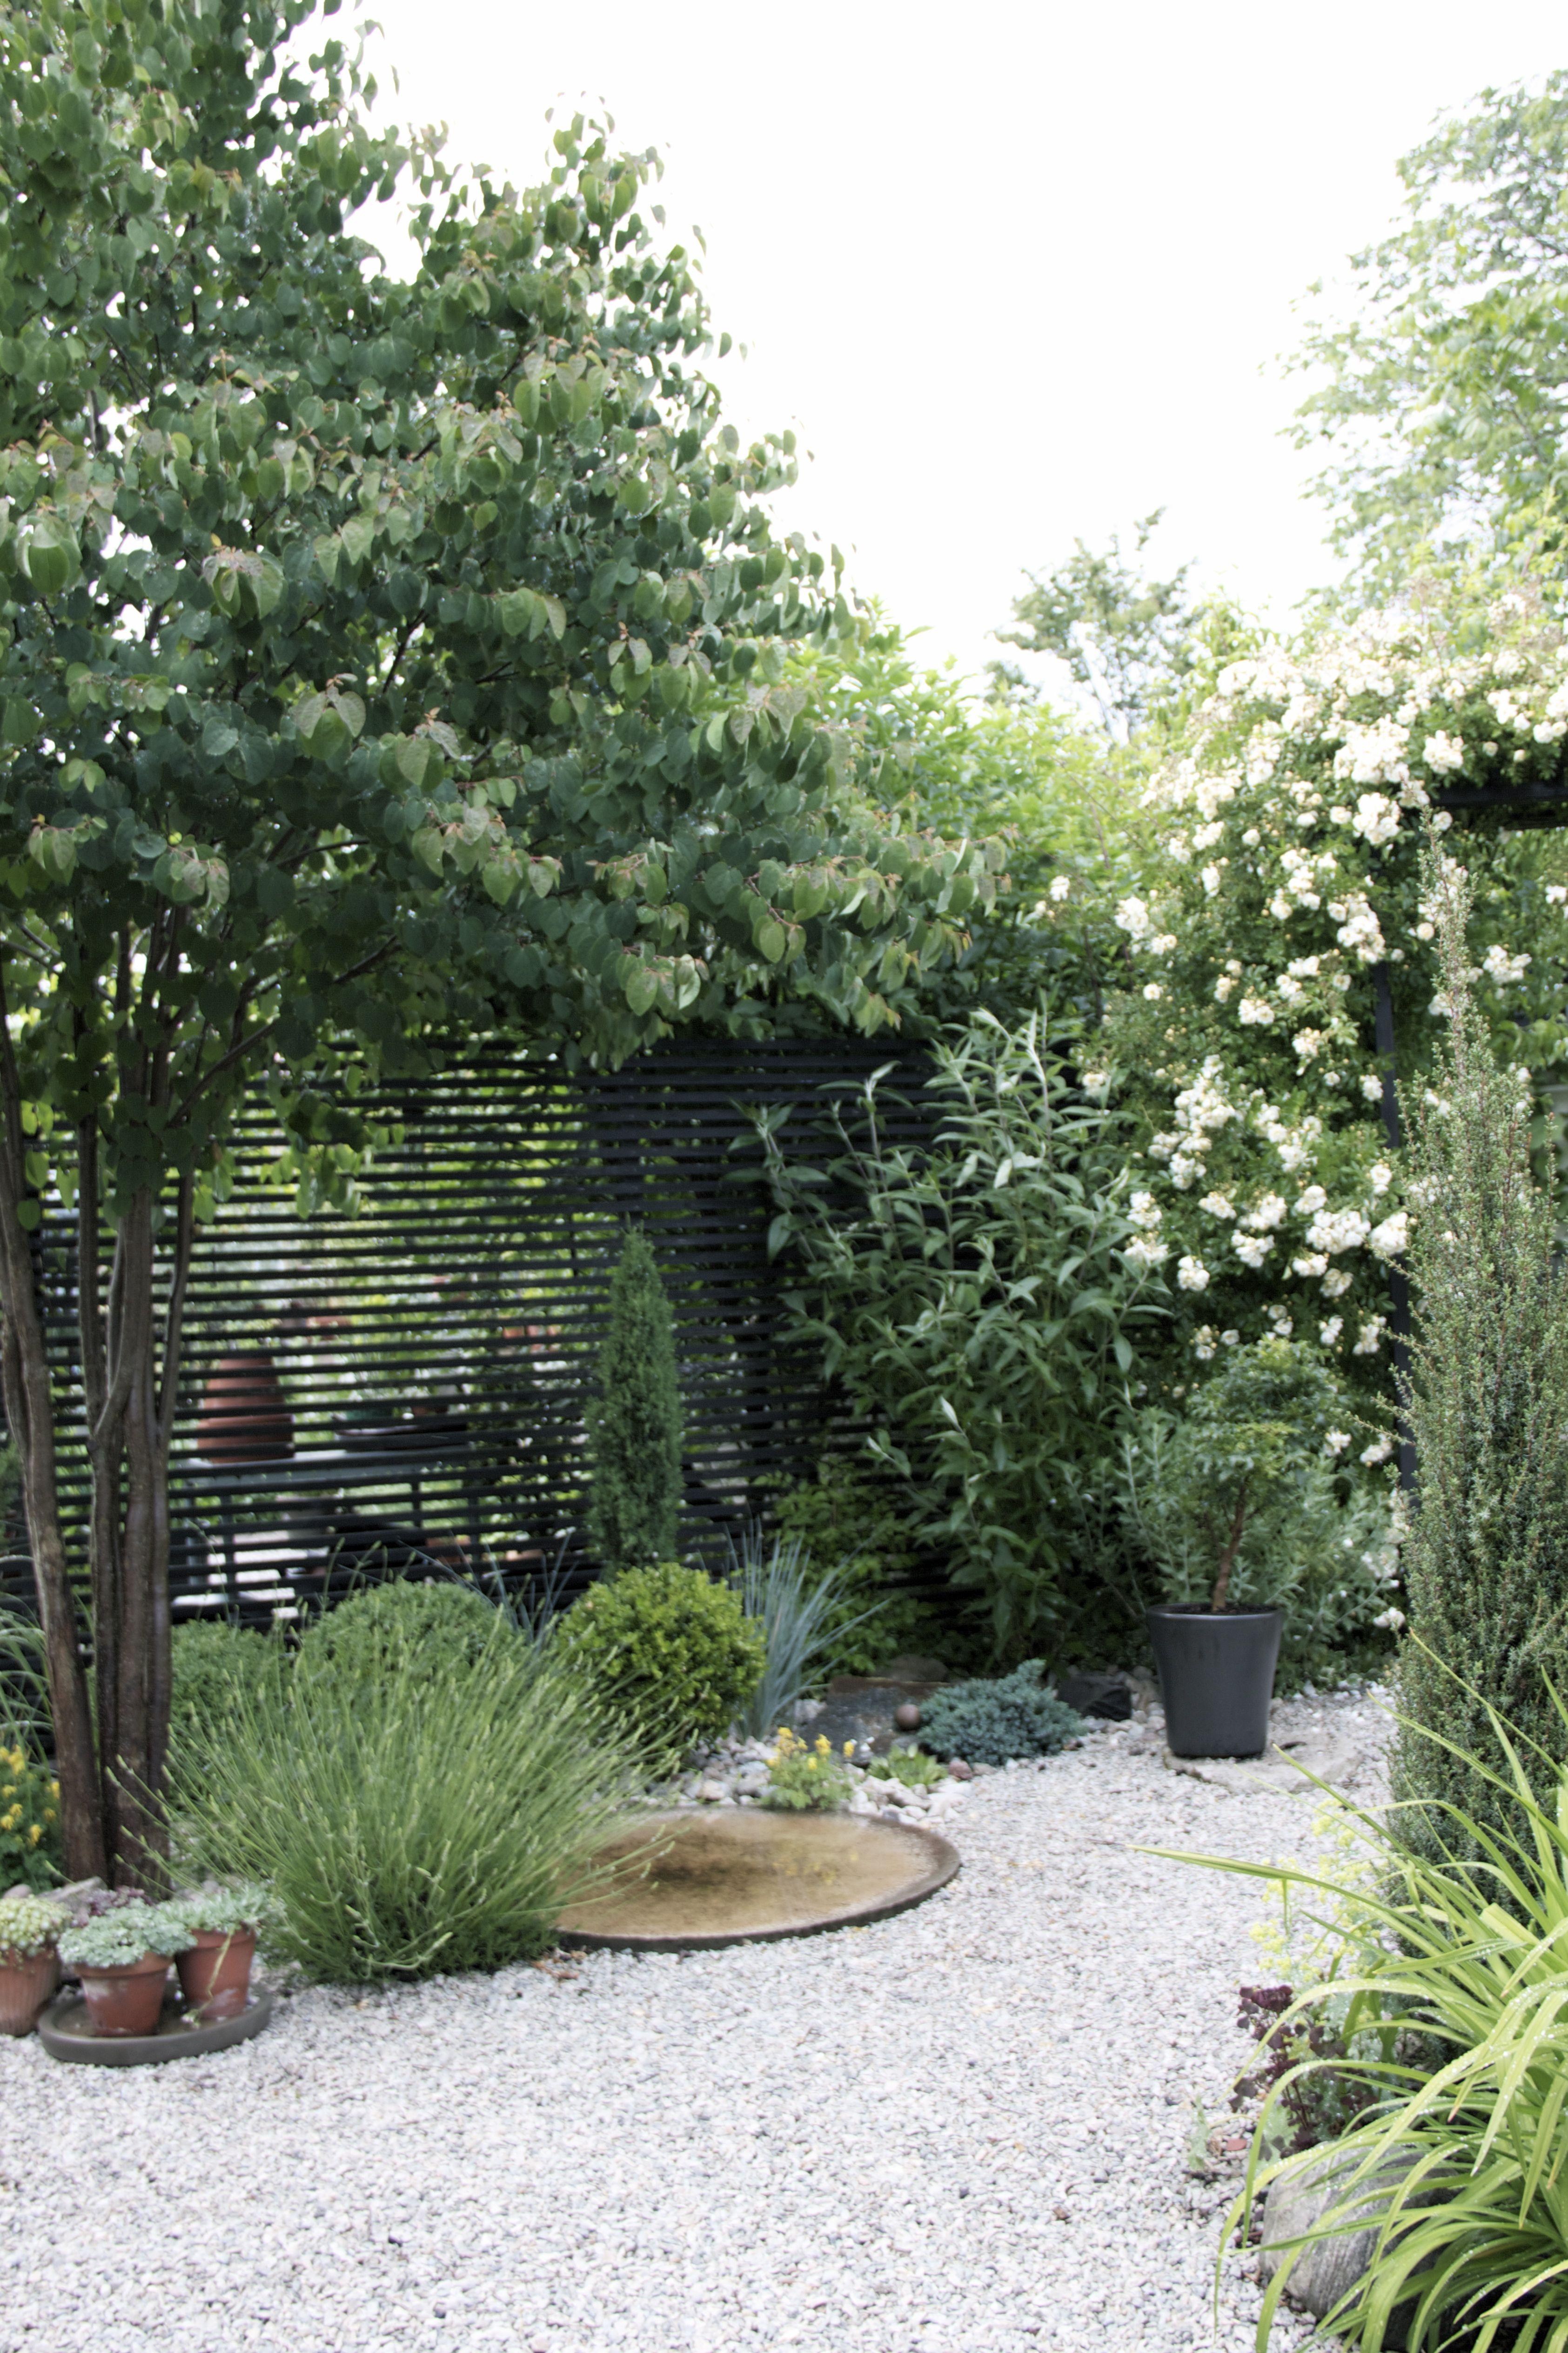 Der Garten unserer Träume | Lilaliv | Zäune | Pinterest | Träume ...